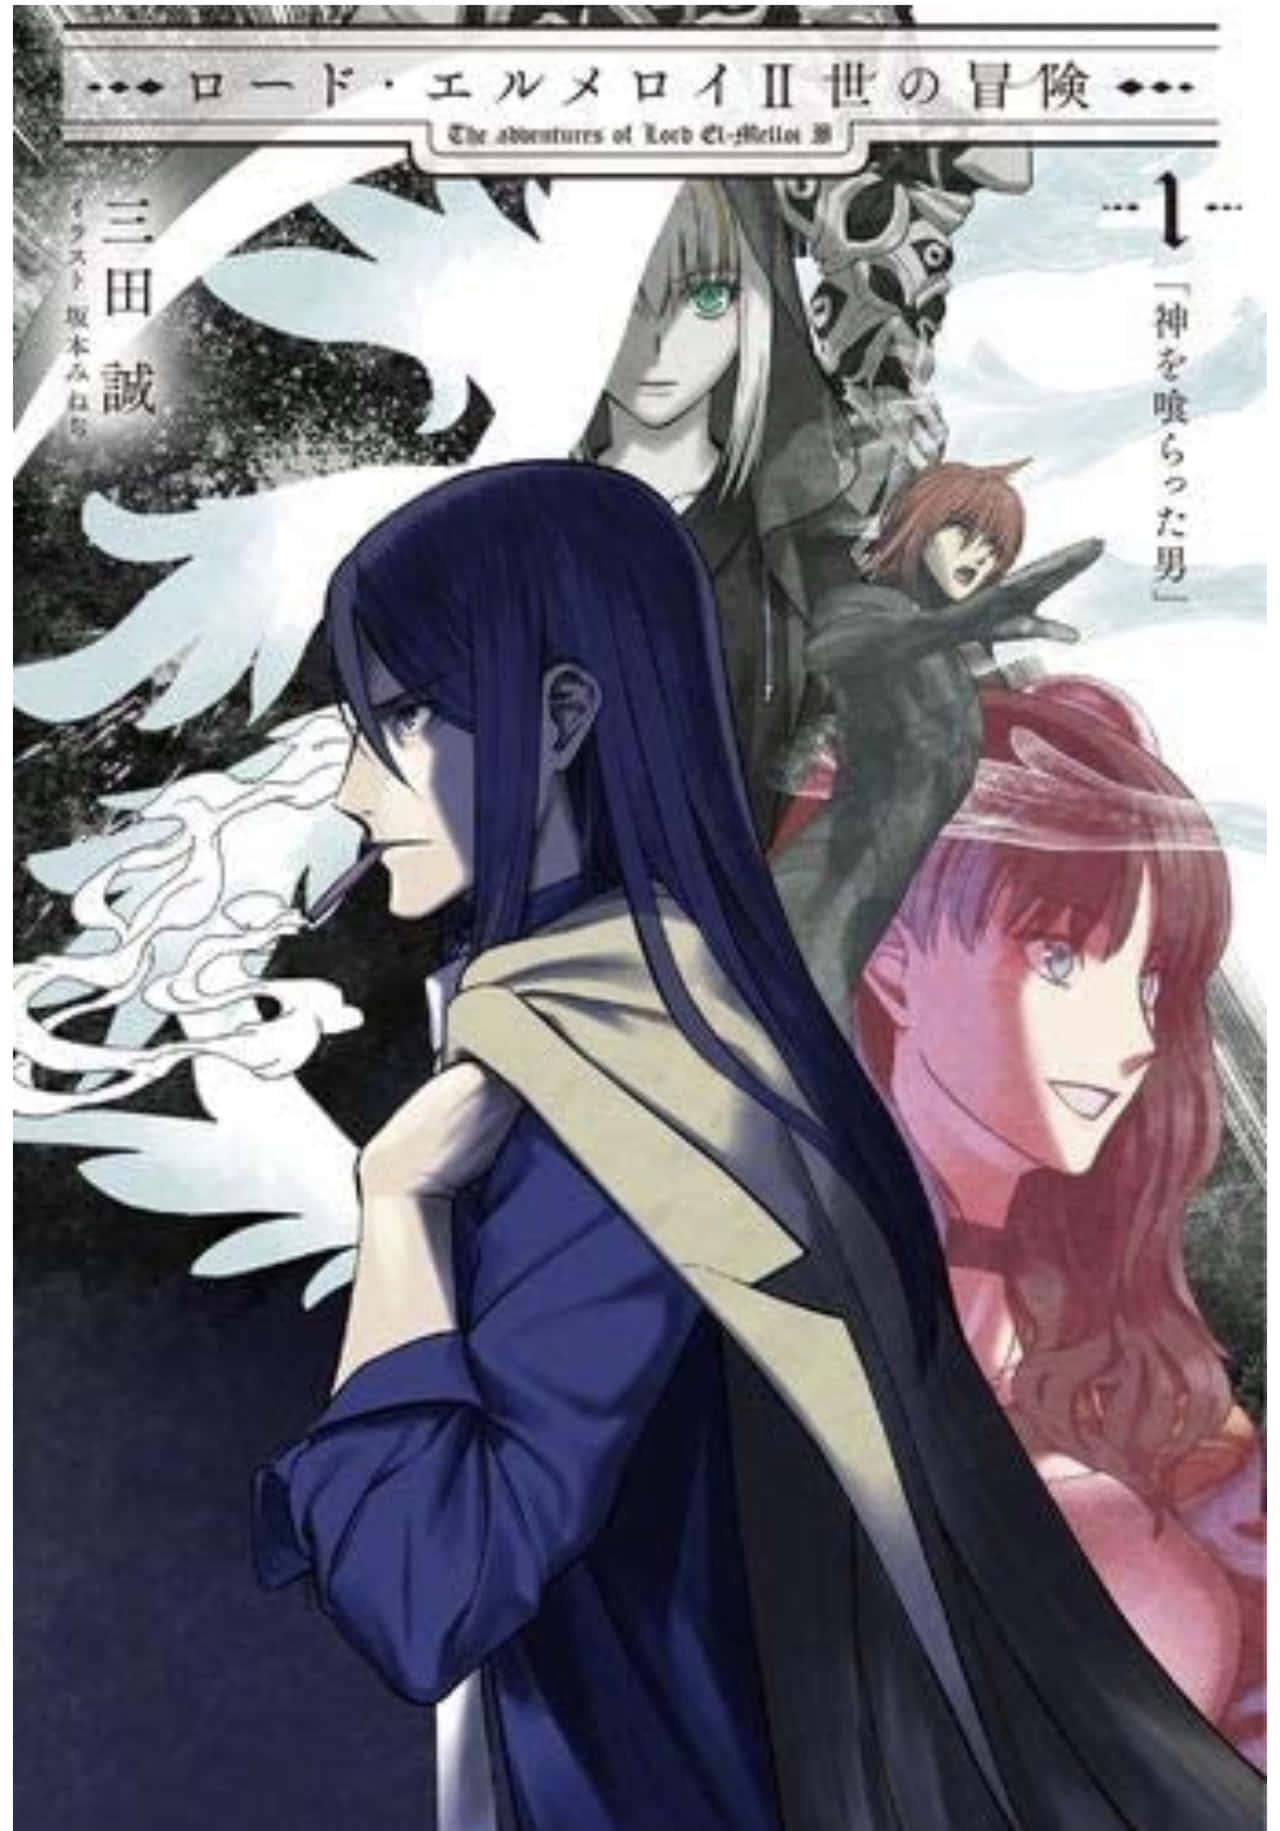 TYPE-MOON新シリーズ ロード・エルメロイII世の冒険 1巻「神を喰らった男」発売